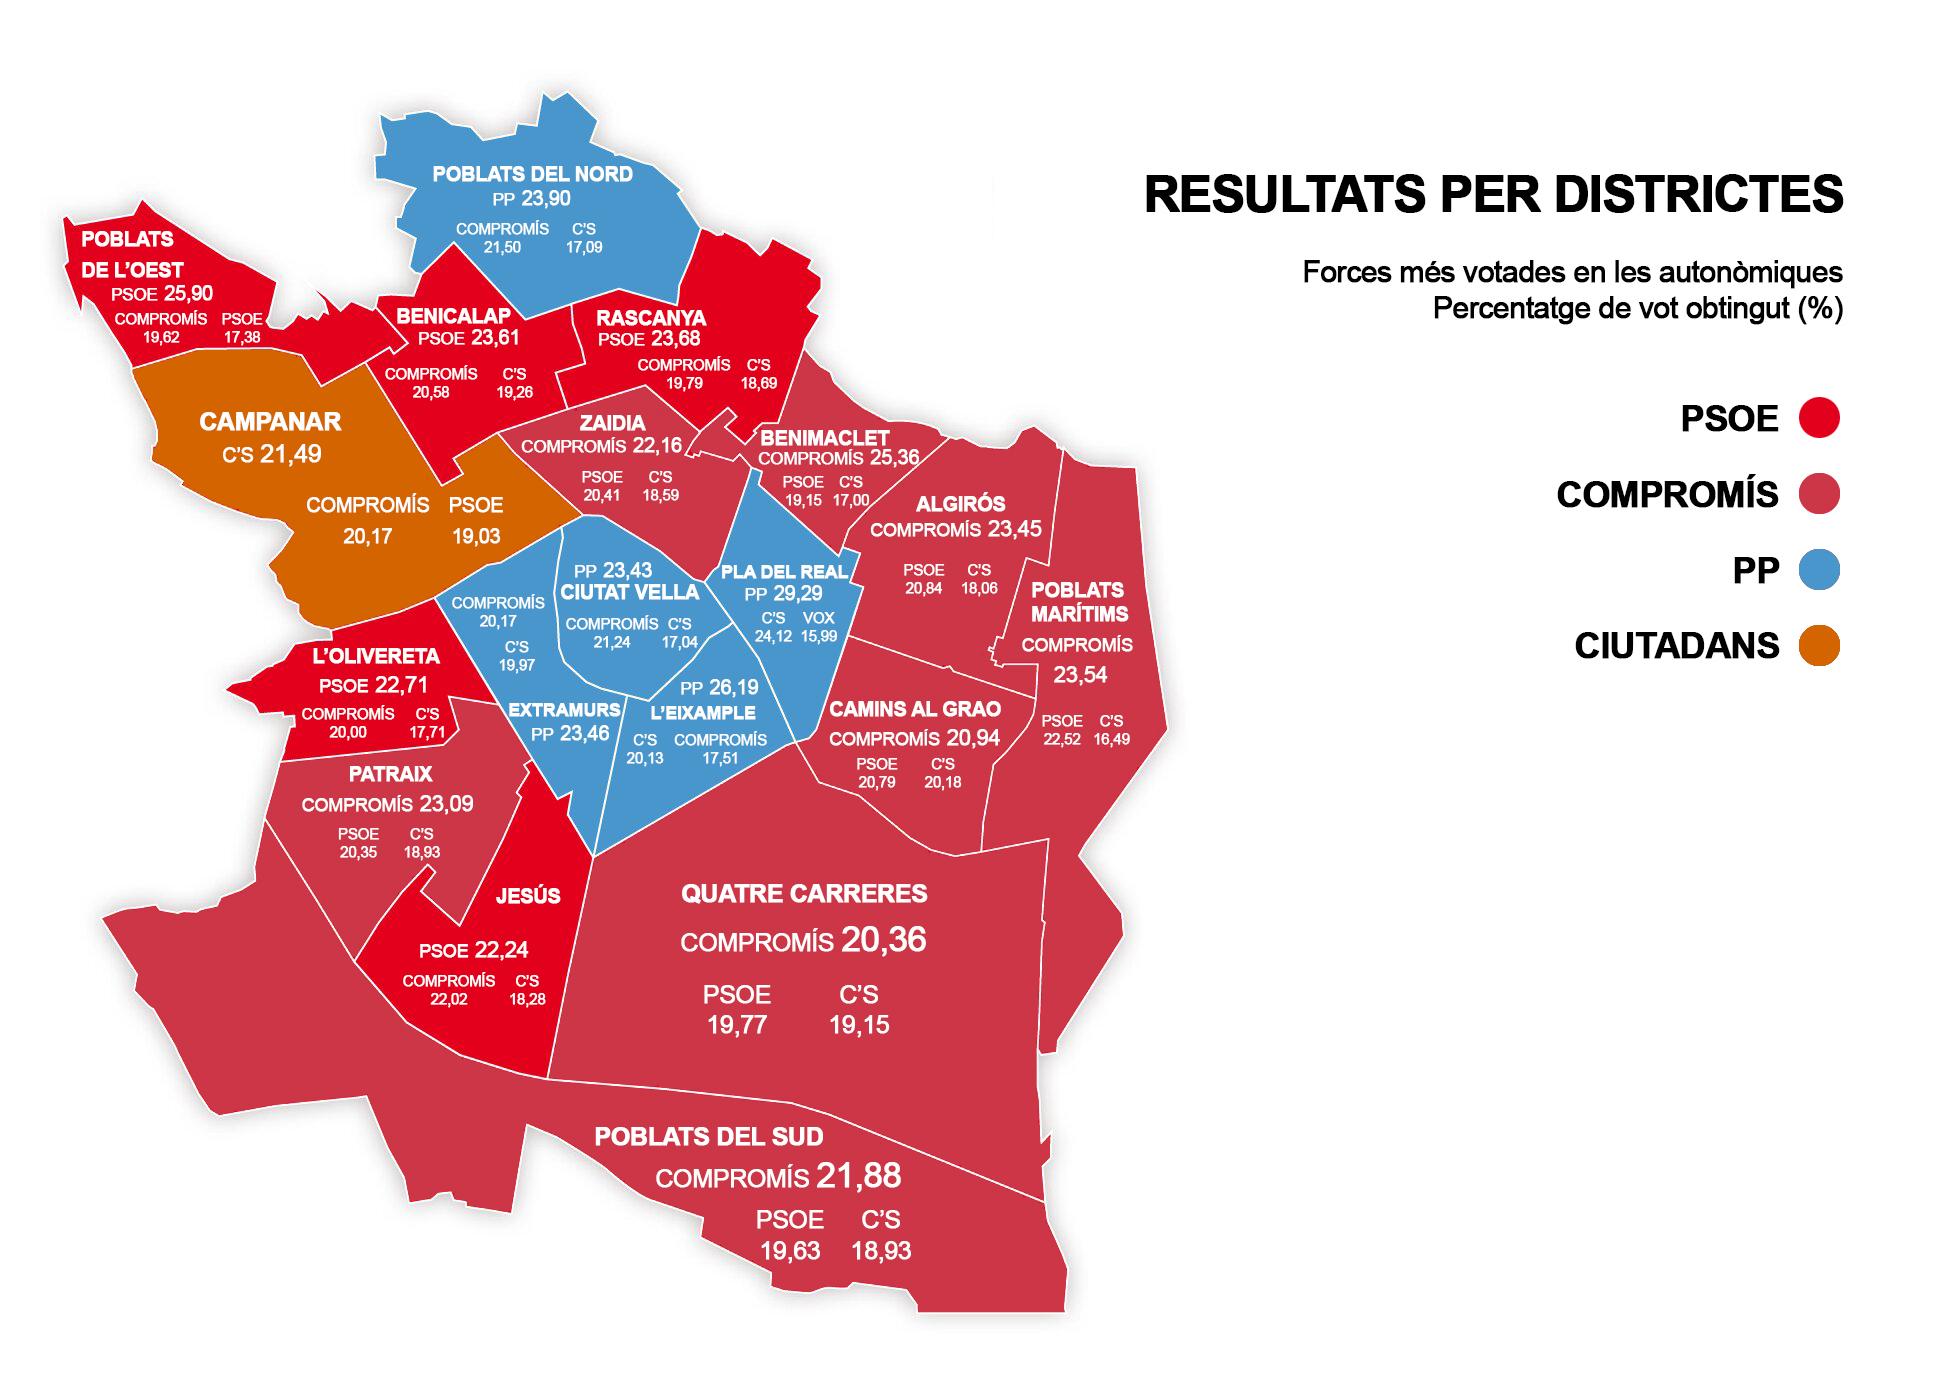 Mapa Zona Azul Valencia.El Mapa De Valencia Cambia Sus Colores Politicos